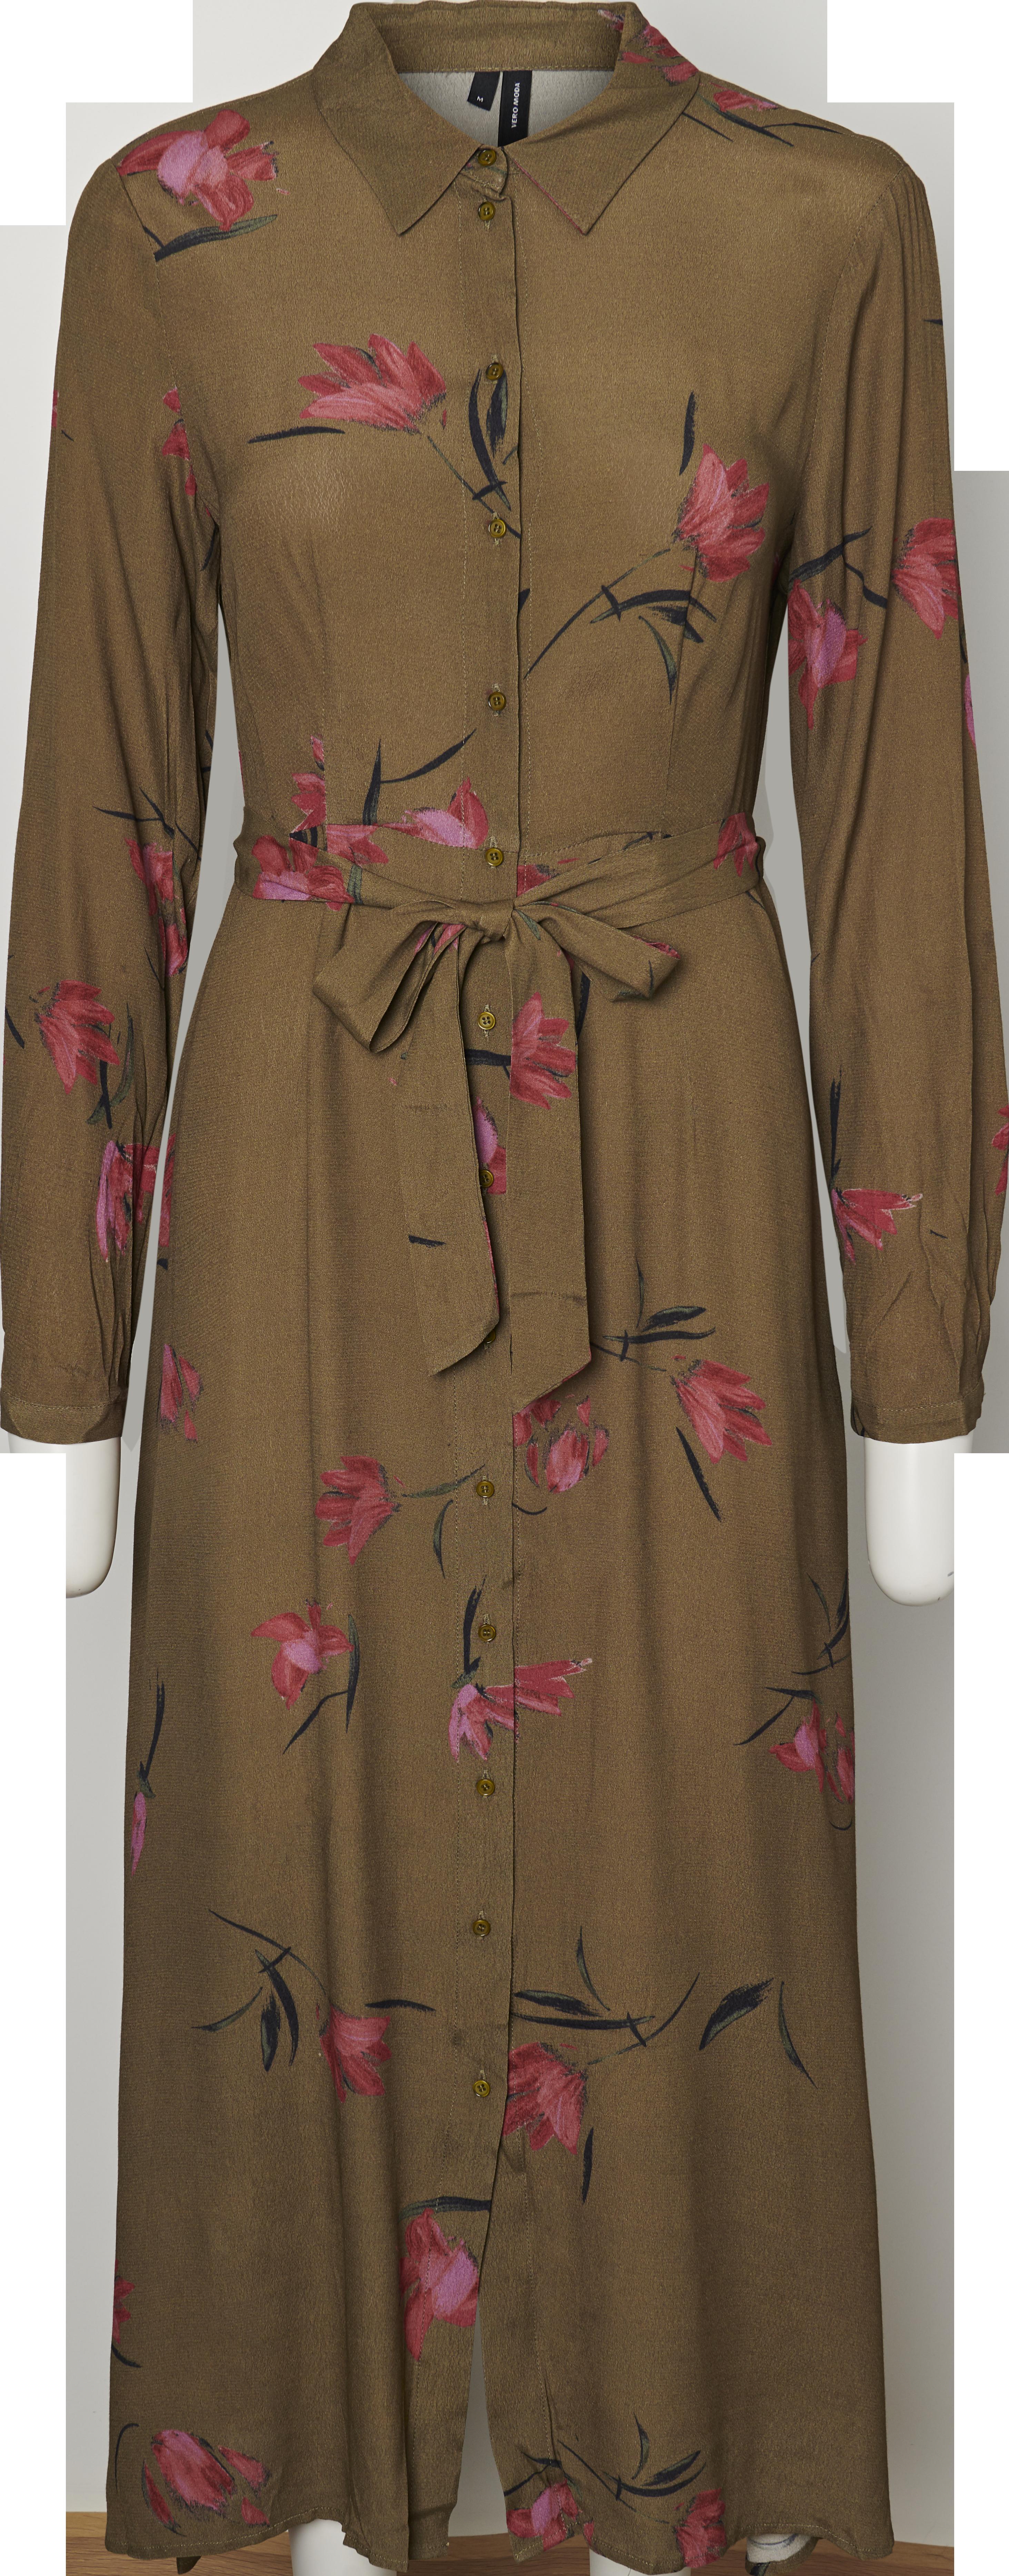 VERO MODA, šaty s kvetinovým vzorom